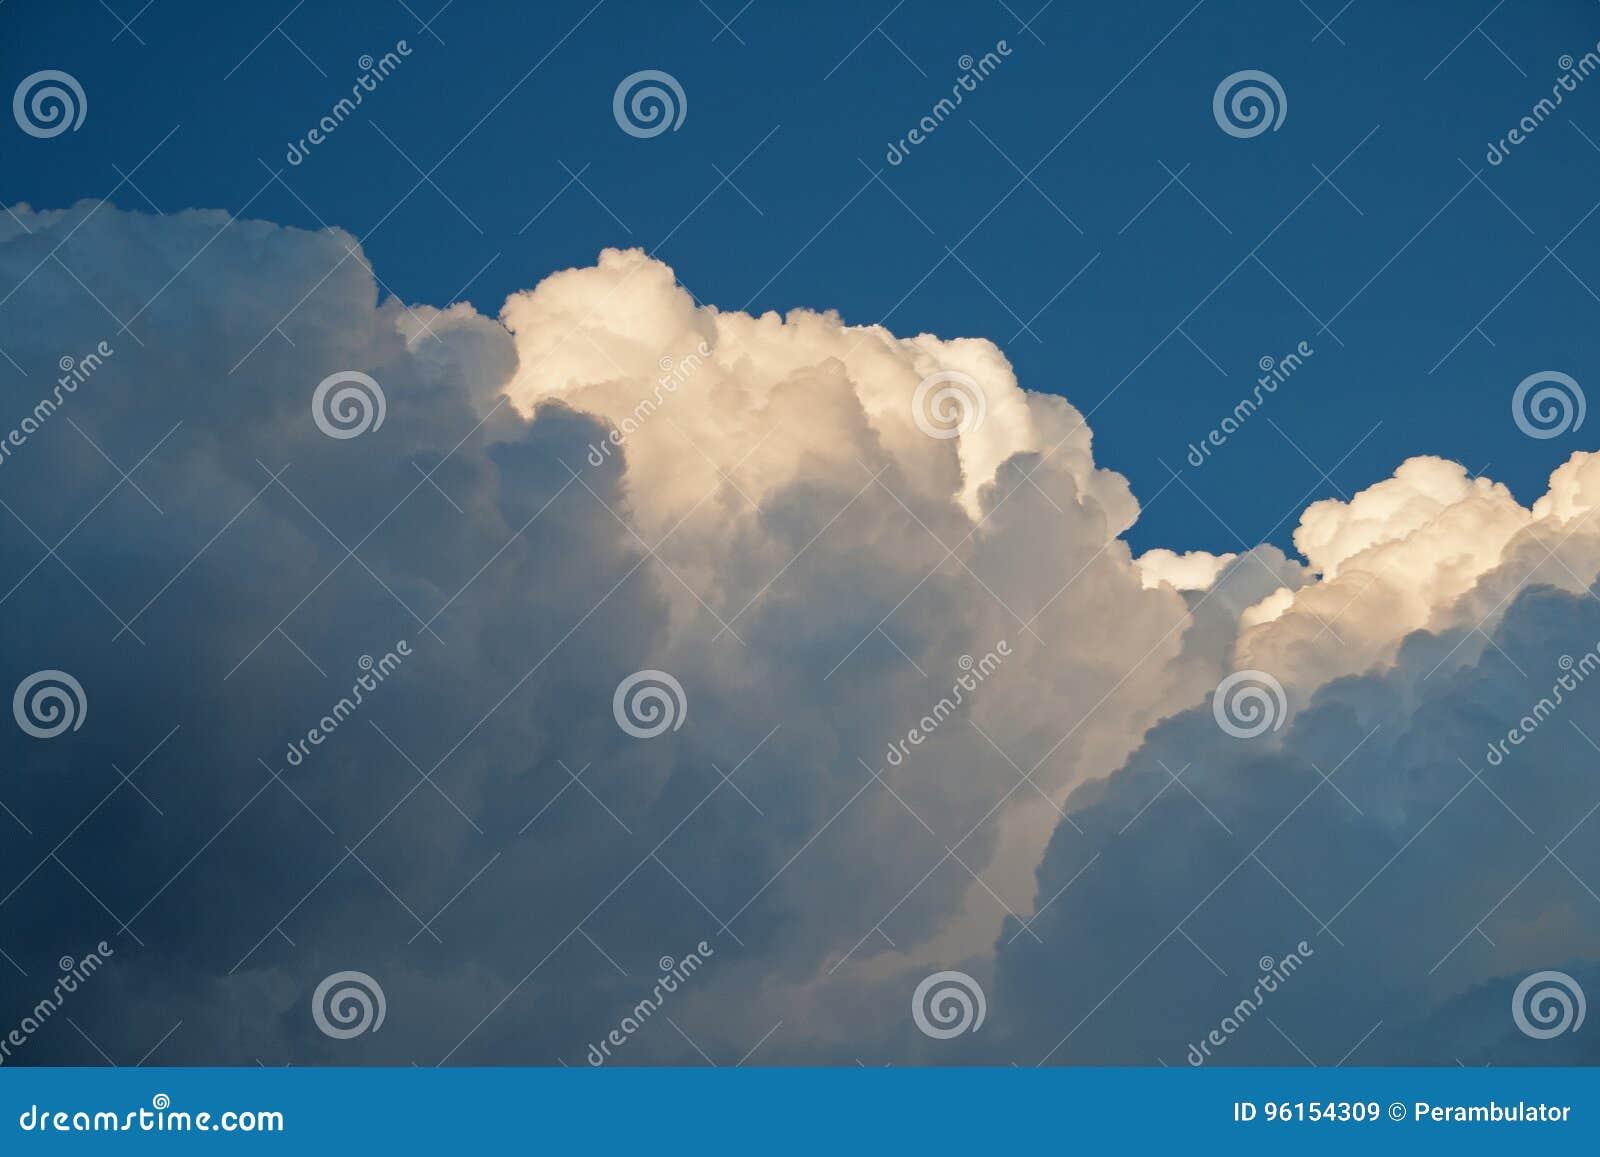 云彩滚滚向前的层数